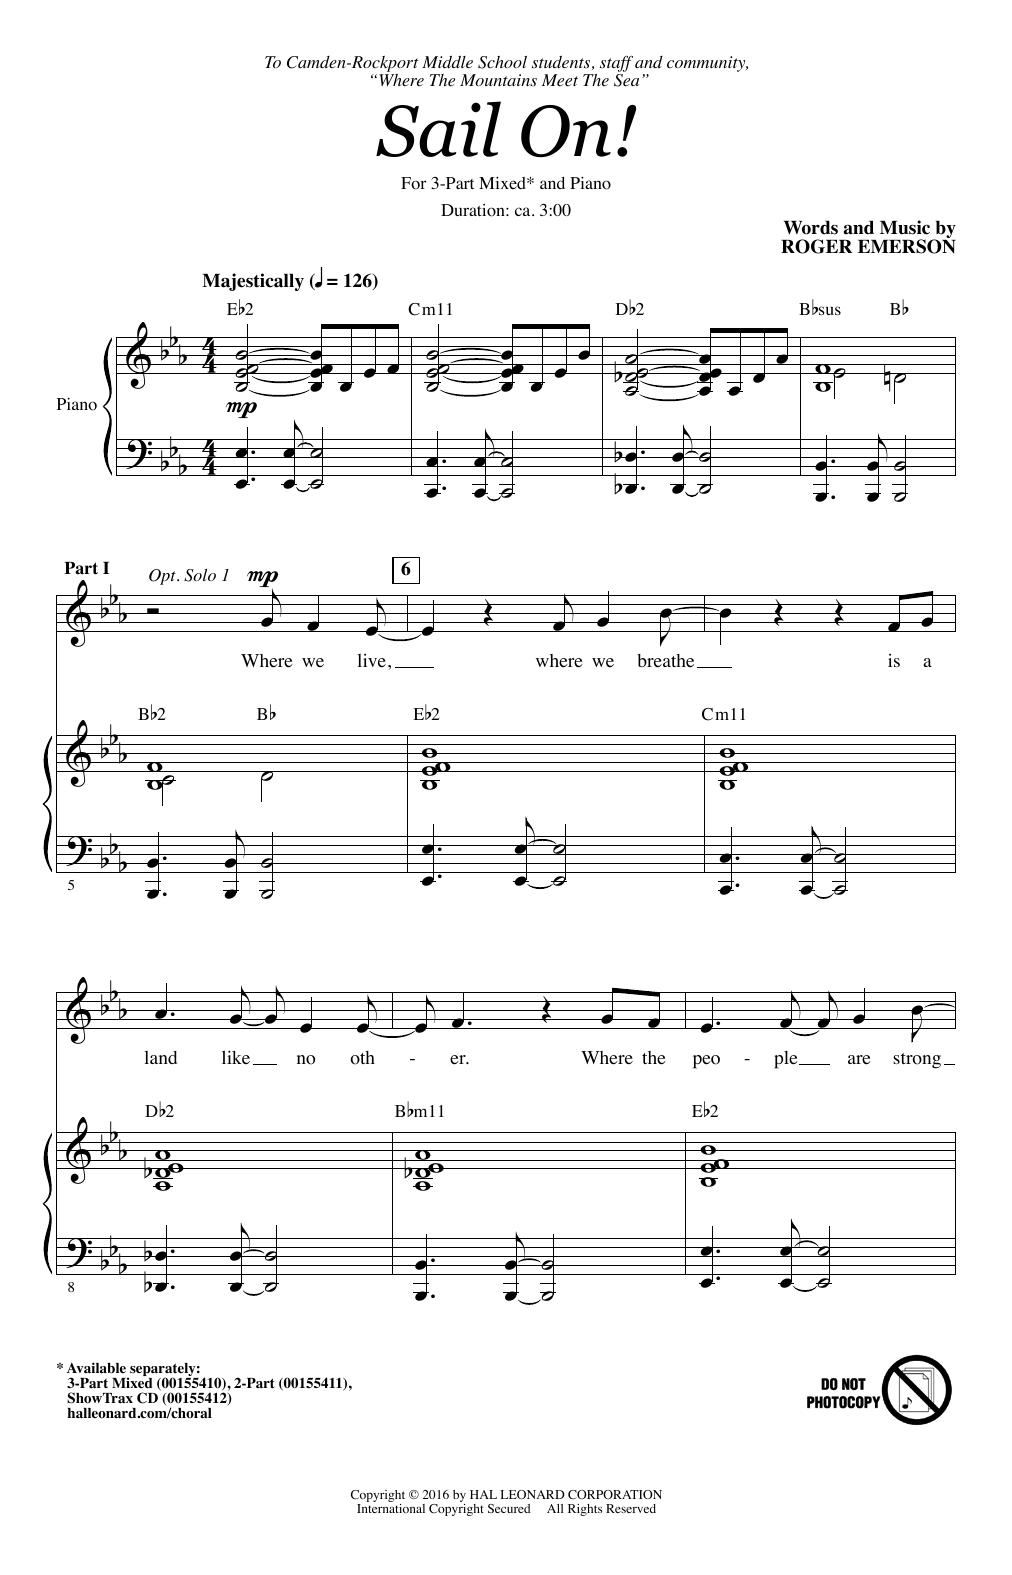 Partition chorale Sail On! de Roger Emerson - 3 voix mixtes